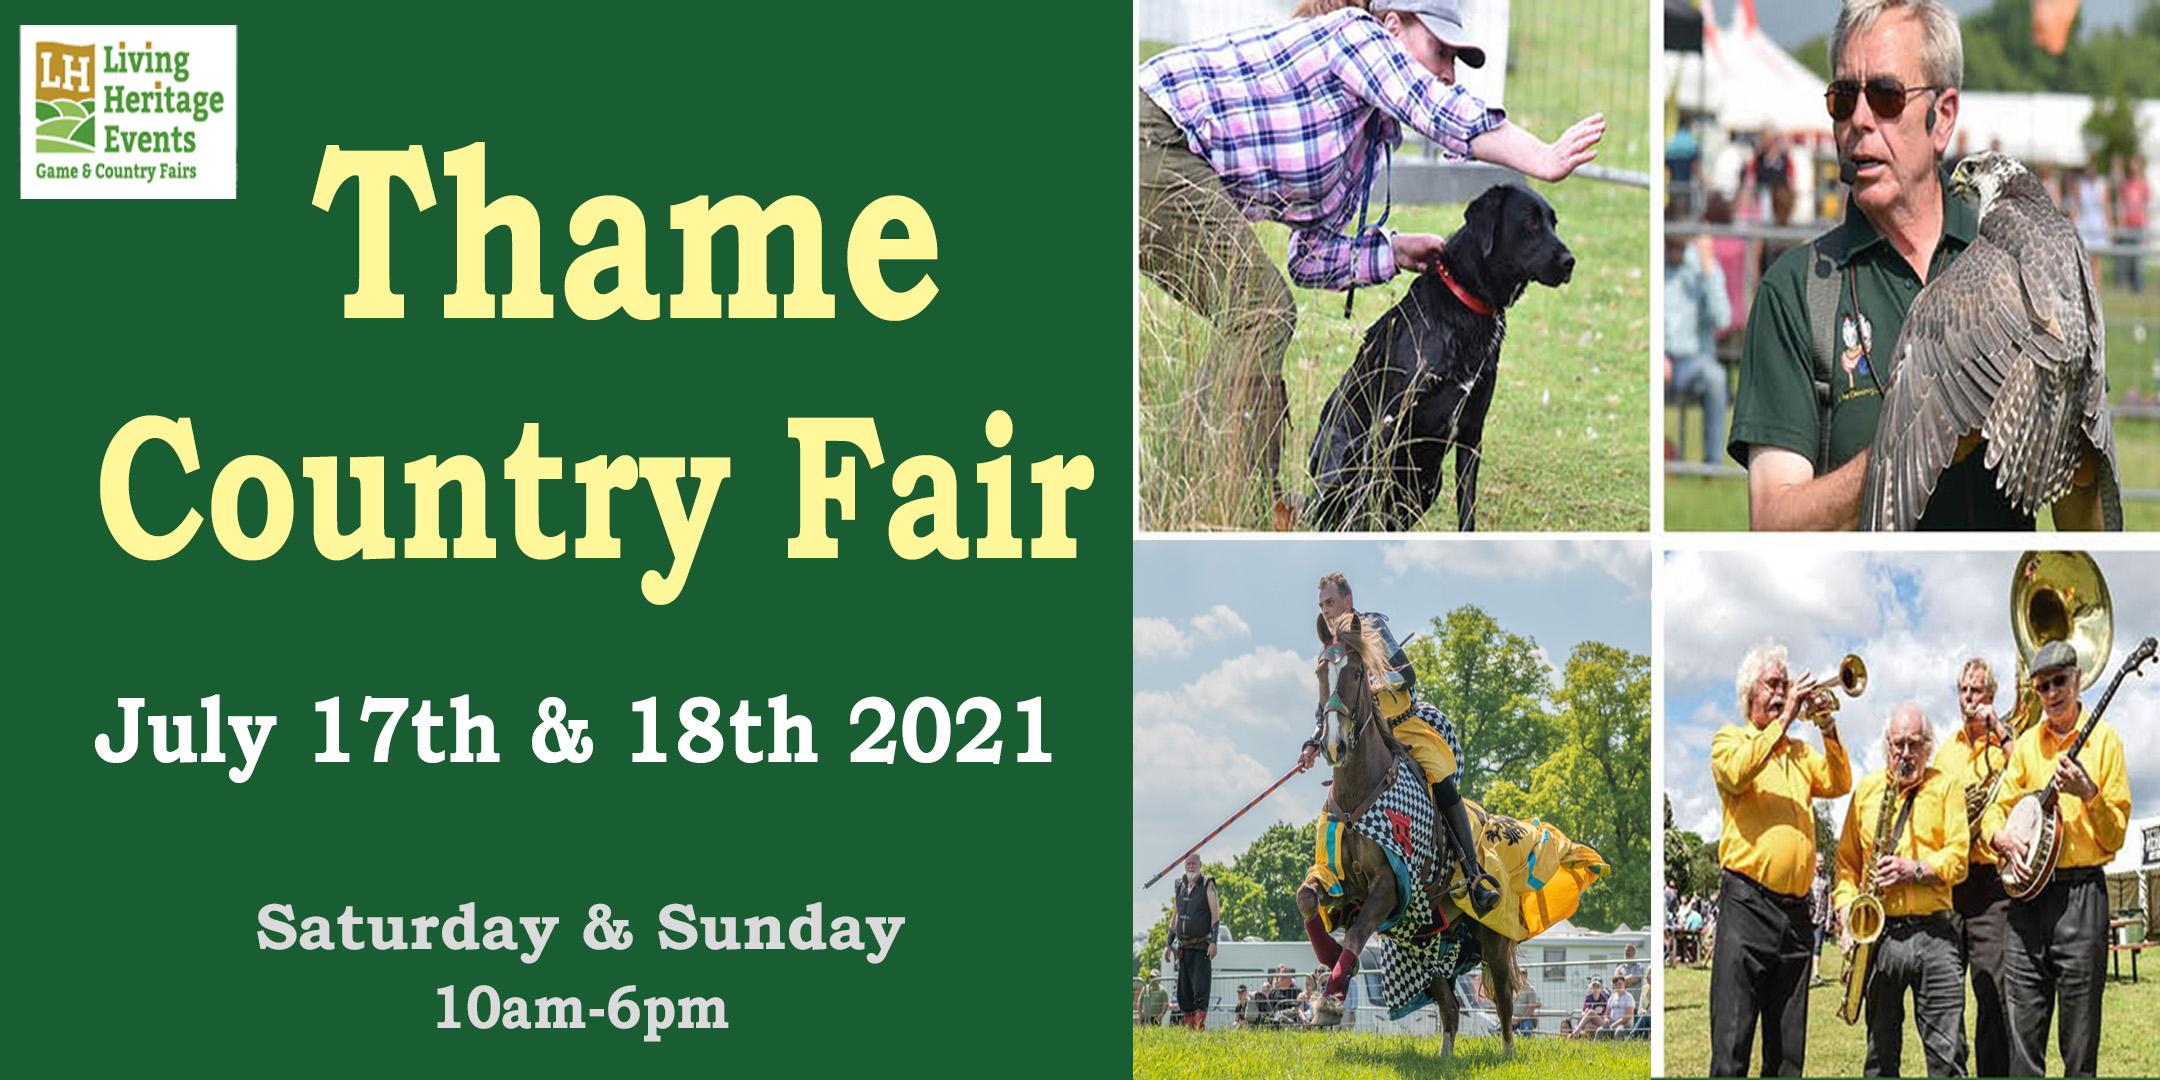 Thame Country Fair